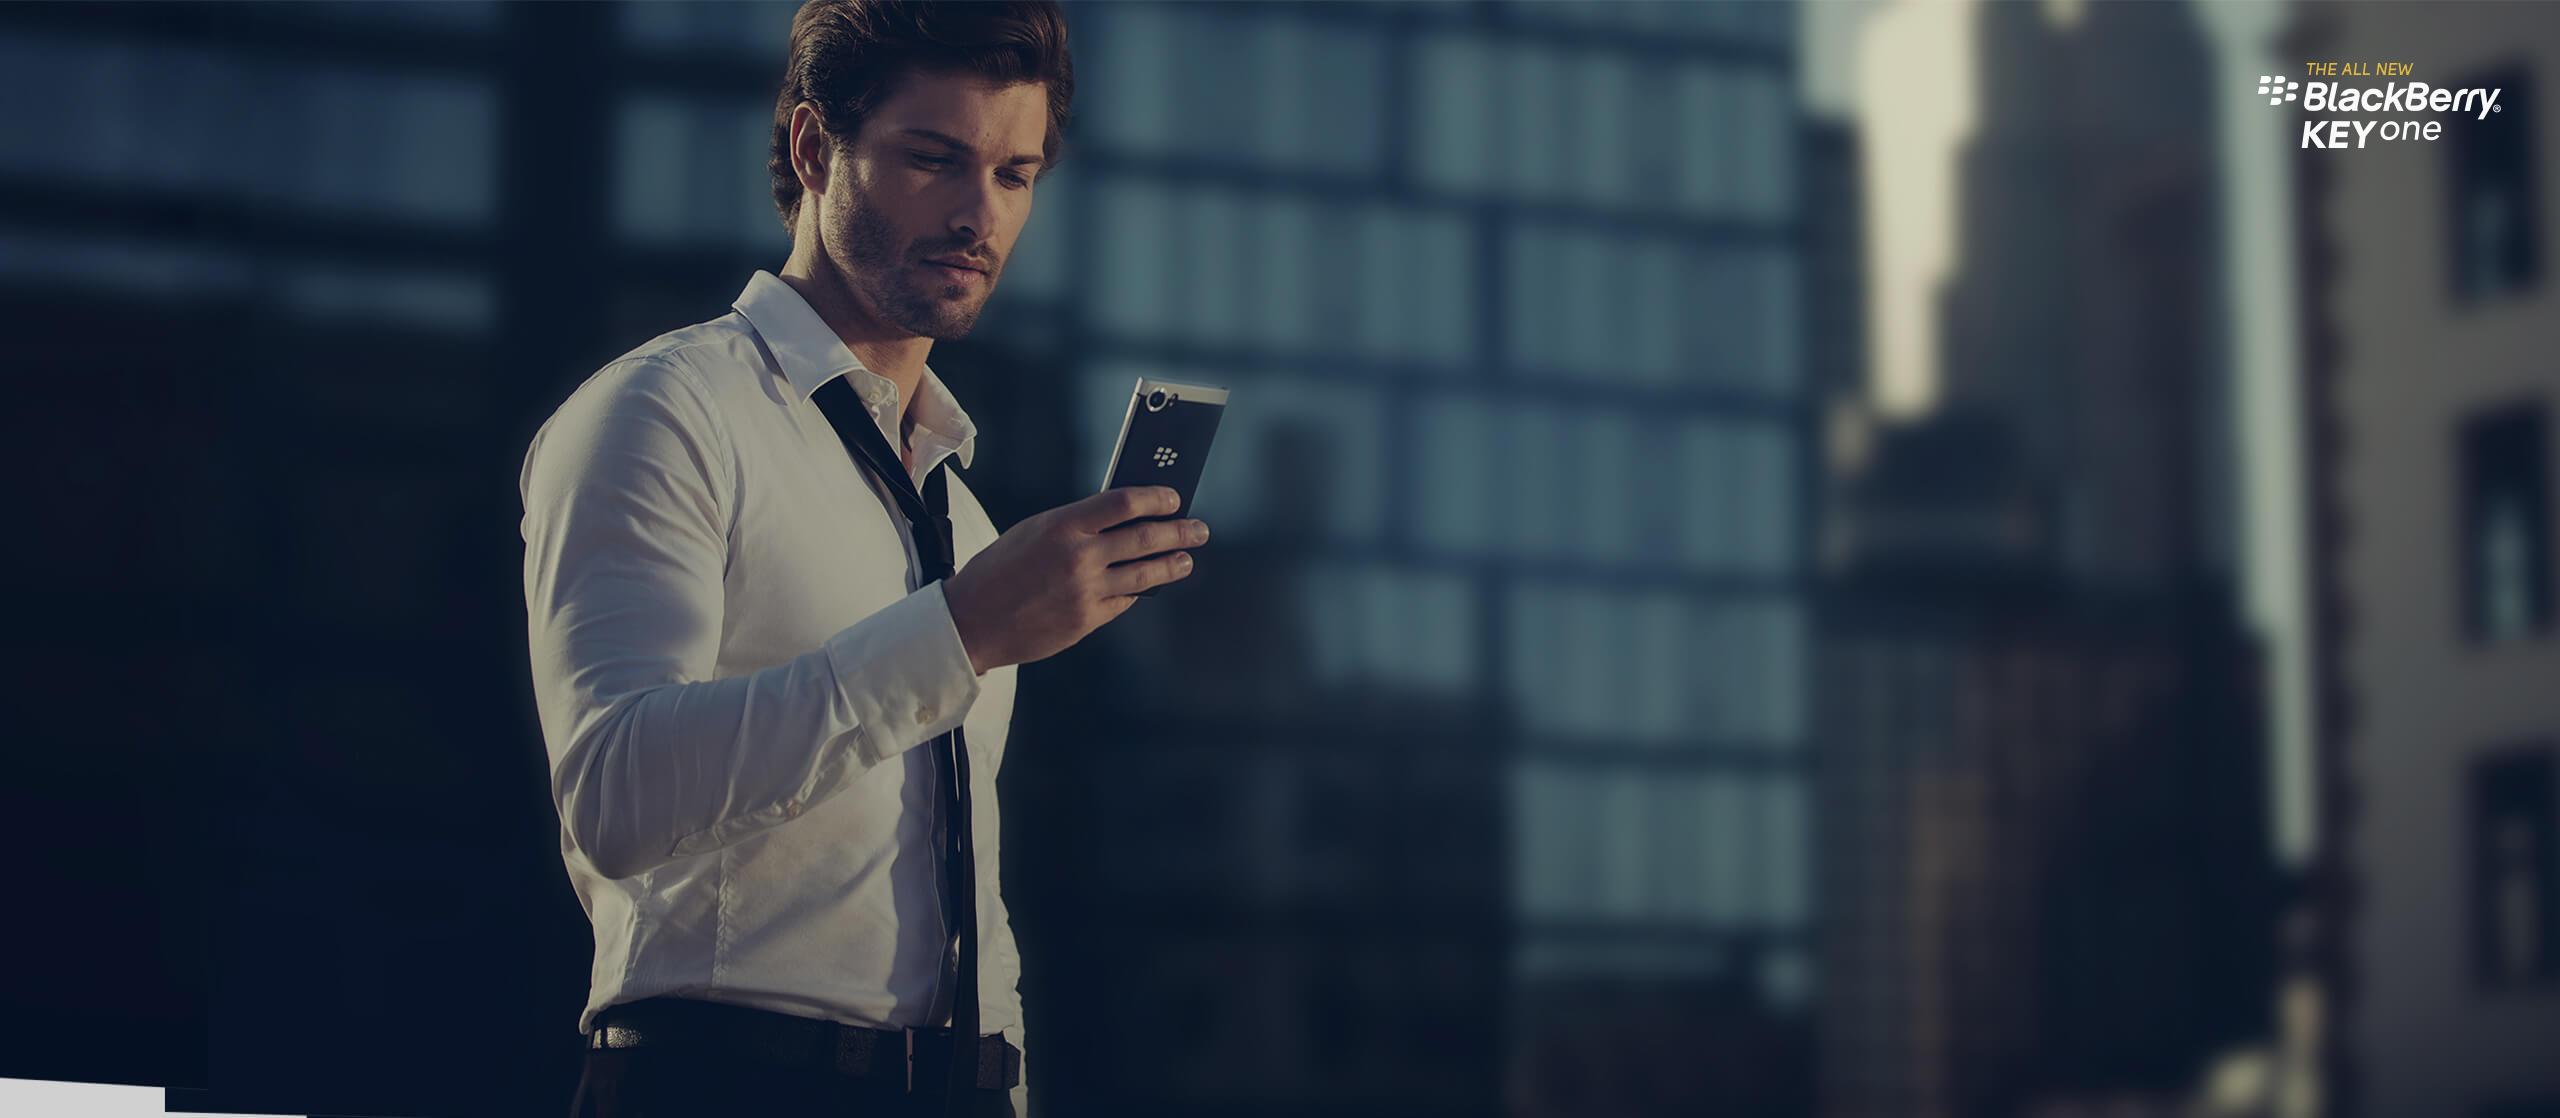 黑莓keyone广告海报素材图片